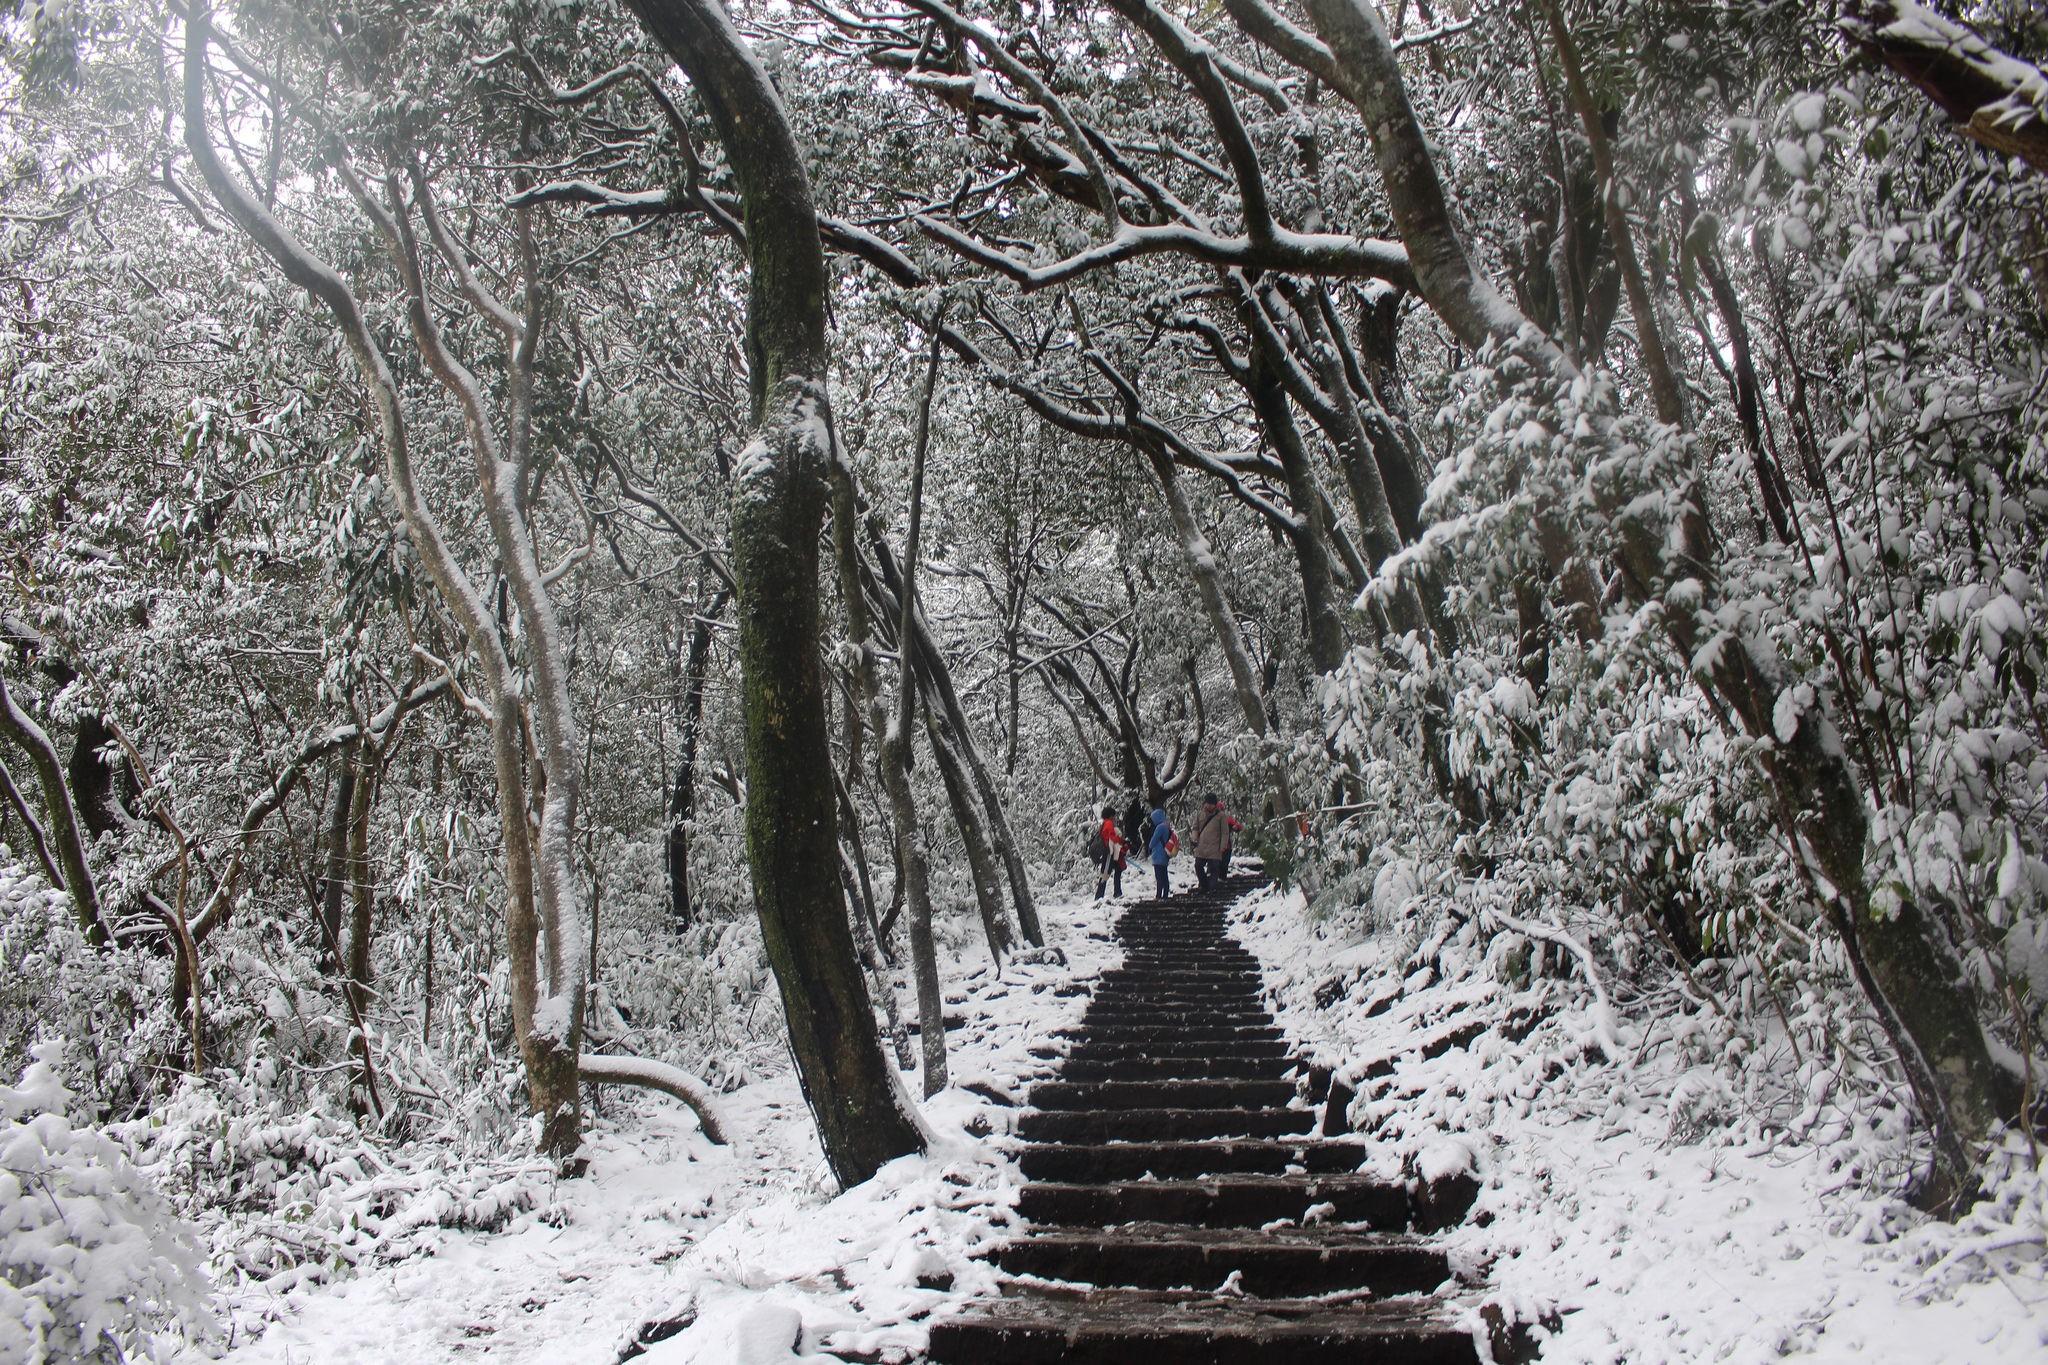 台灣以前下過雪嗎?平地大雪紛飛的太平盛世